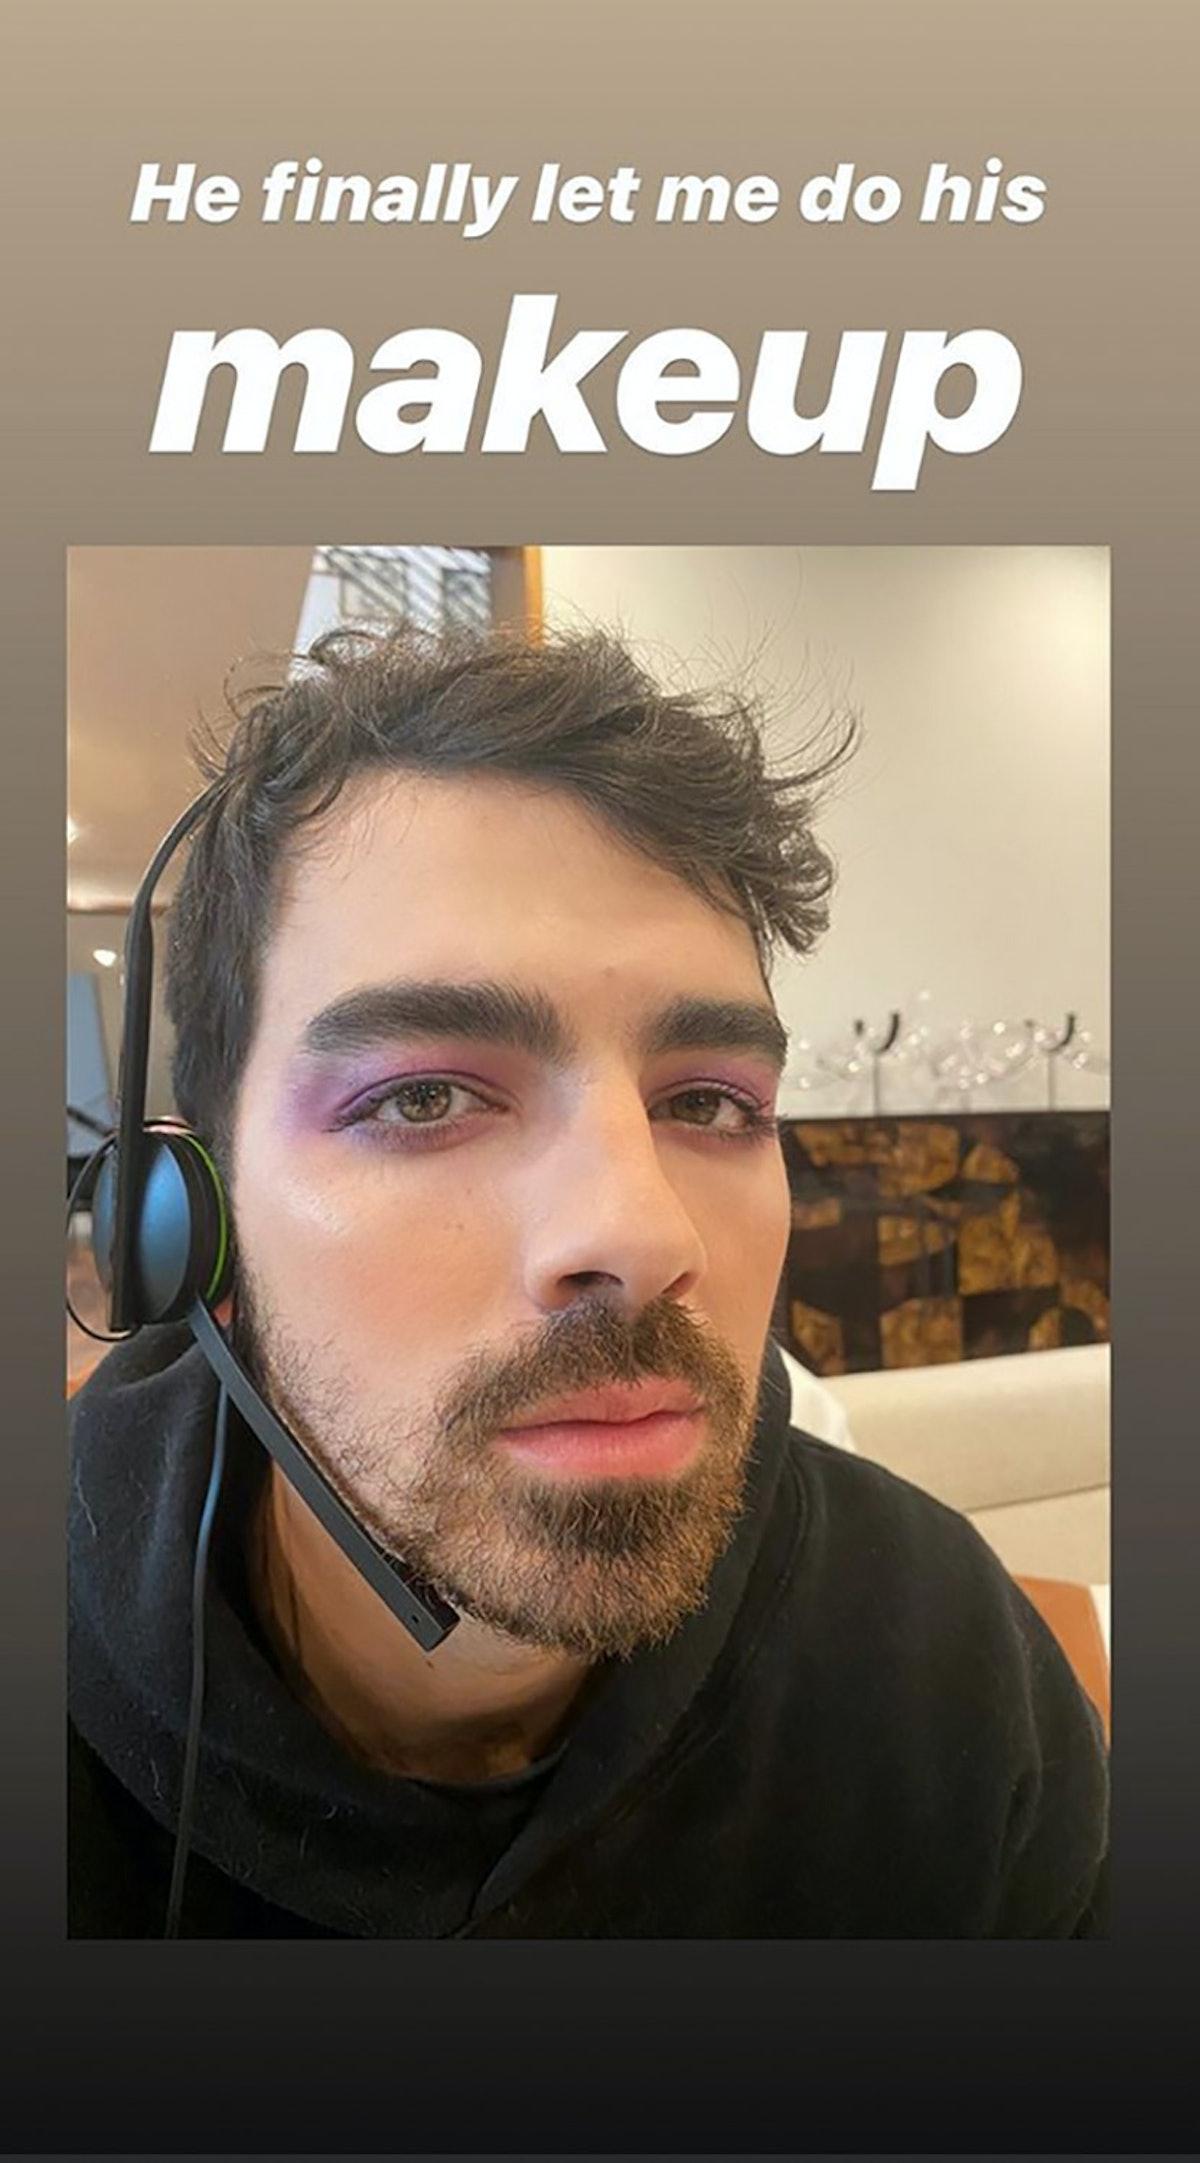 Sophie Turner did Joe Jonas' makeup and the photos are priceless.